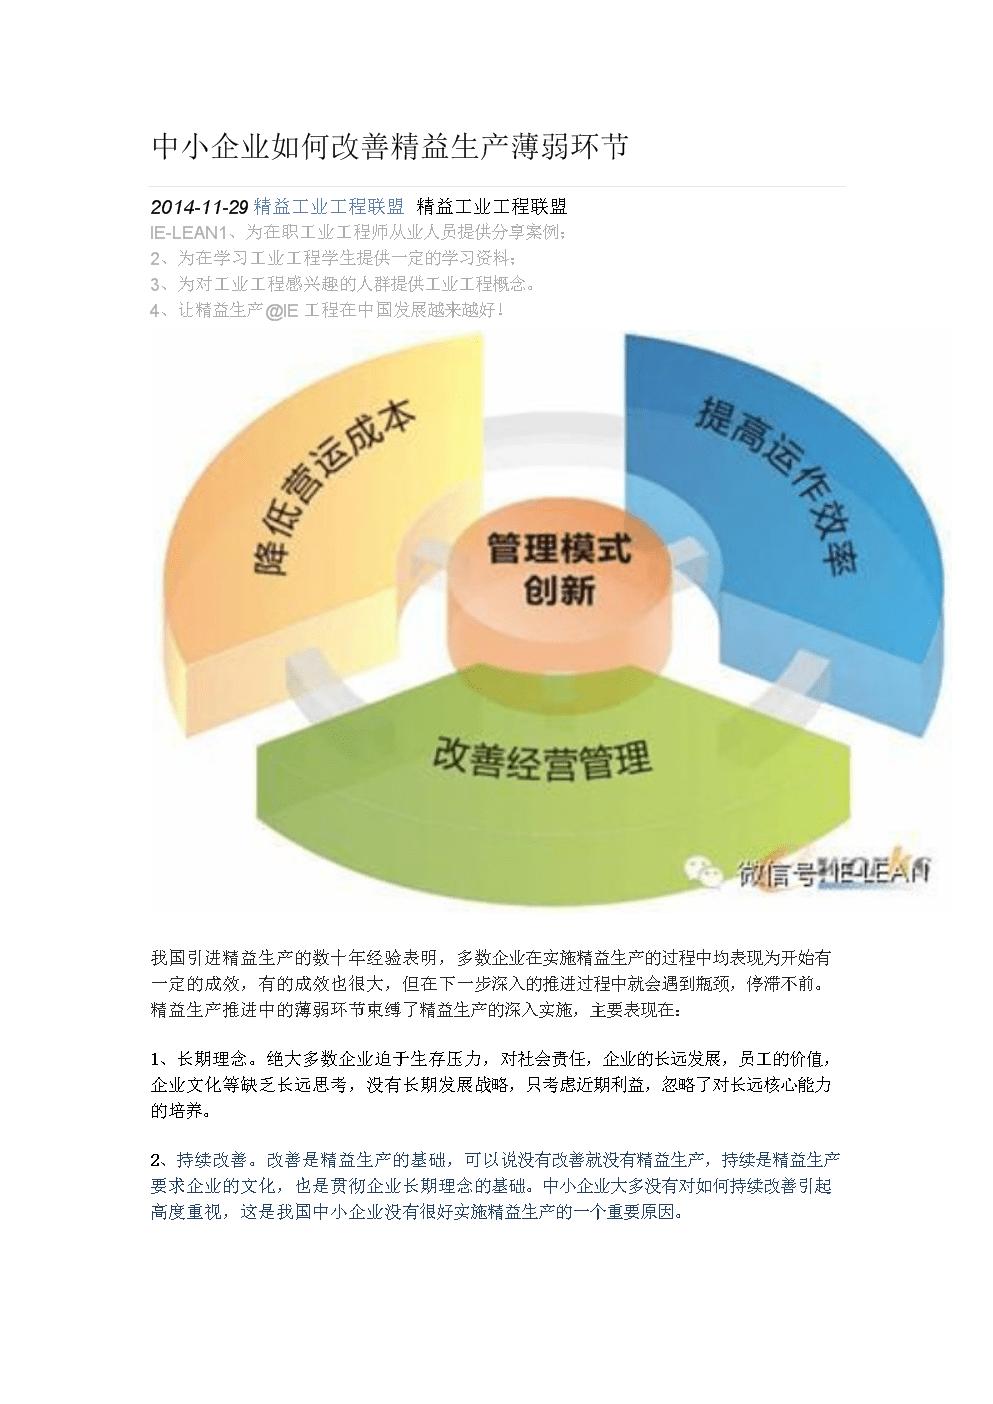 改善精益生产的薄弱环节.doc